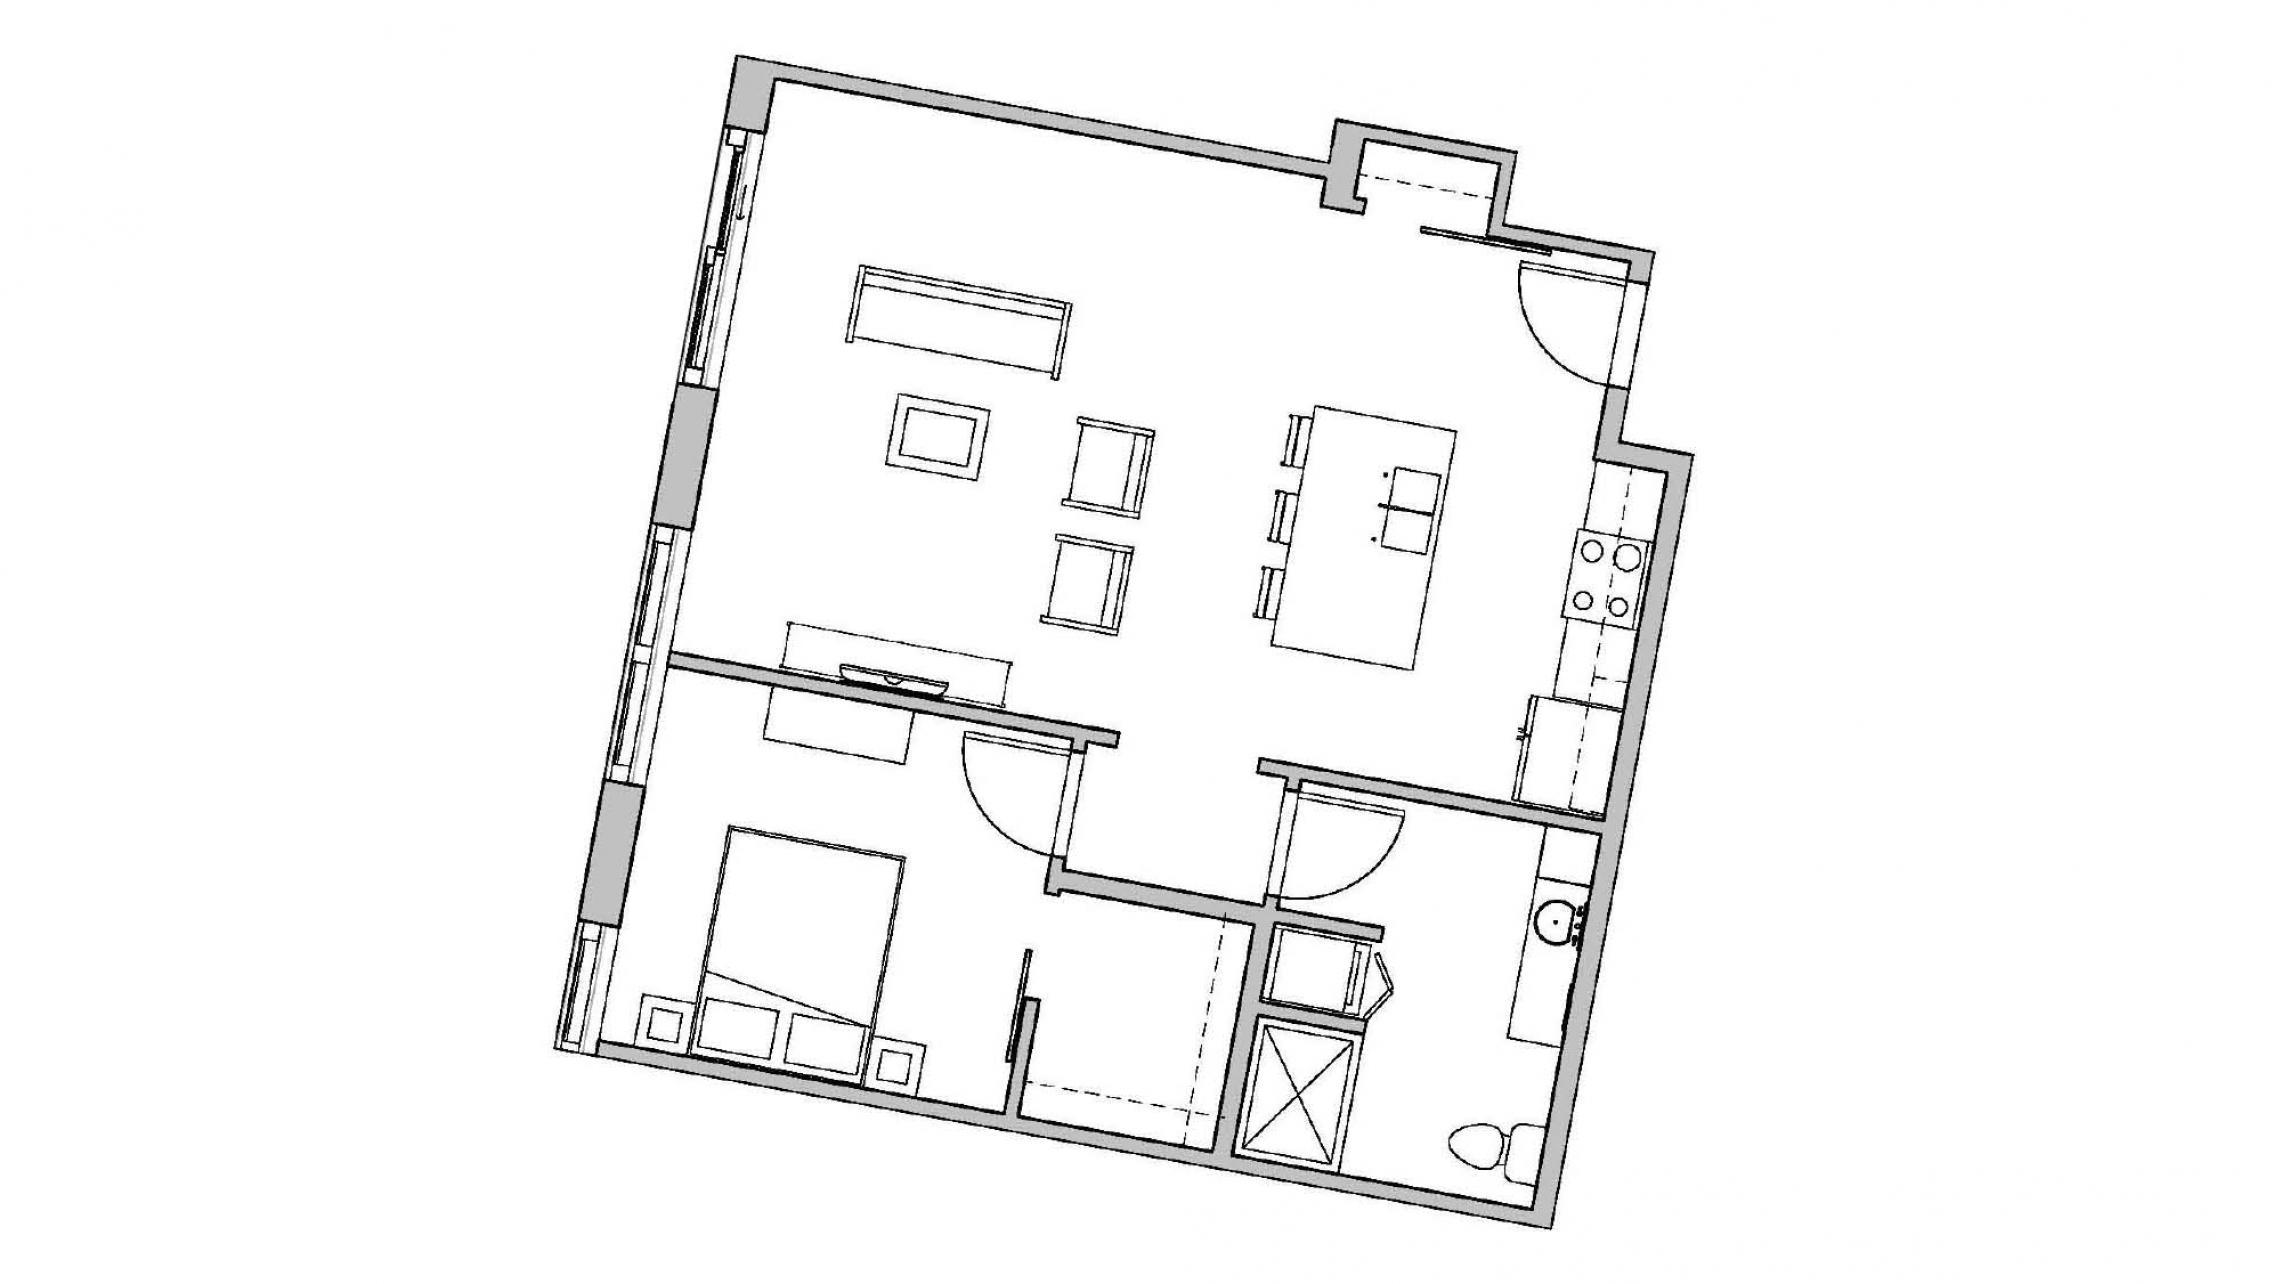 ULI Seven27 331 - One Bedroom, One Bathroom